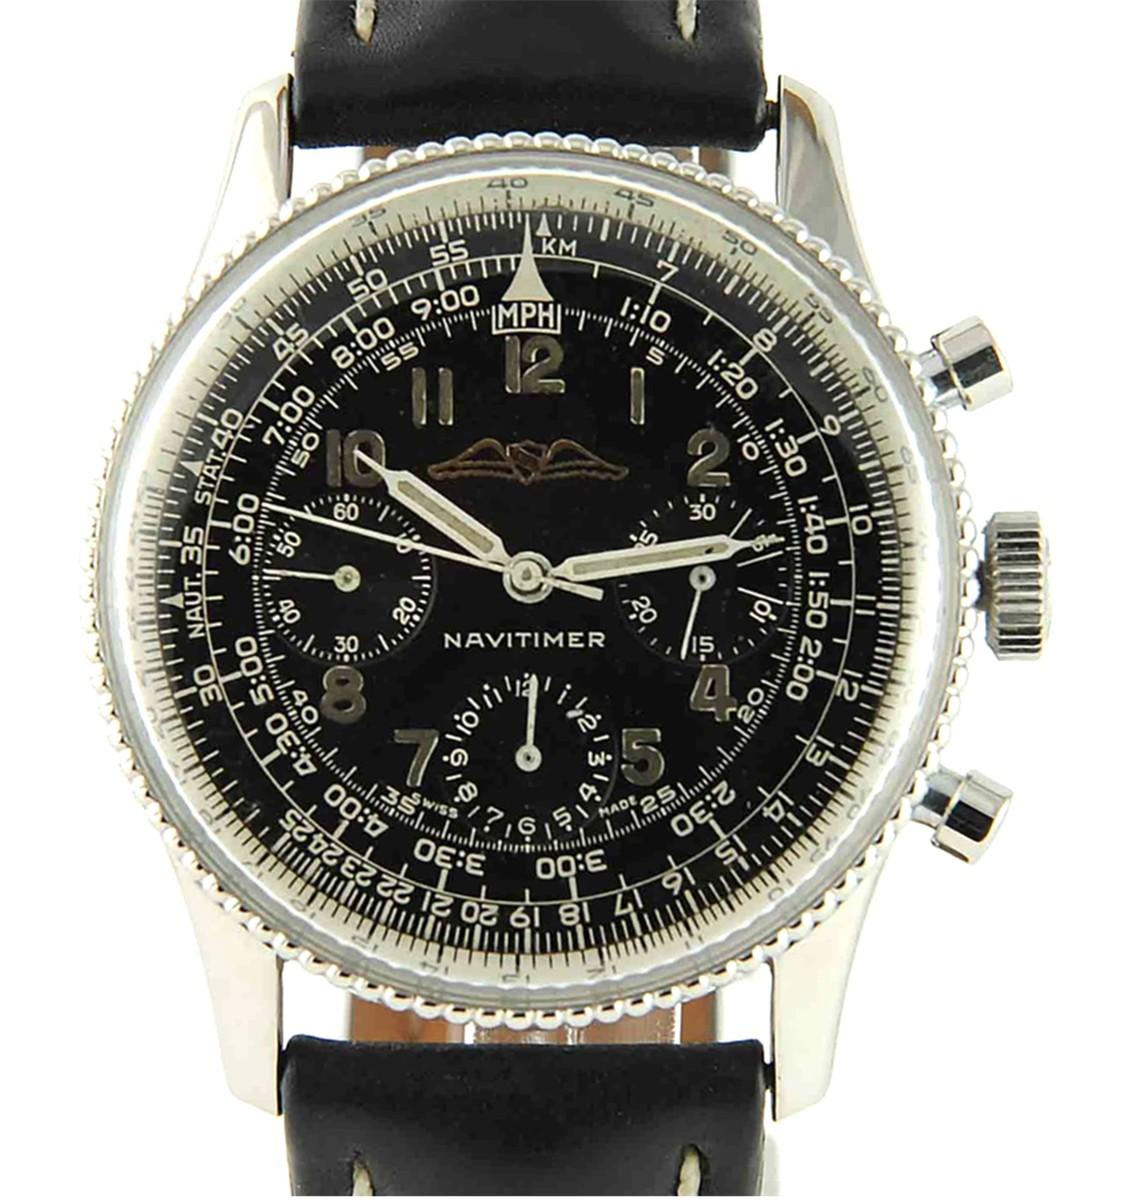 Breitling AOPA Navitimer Watch Ref. 806 (1961)